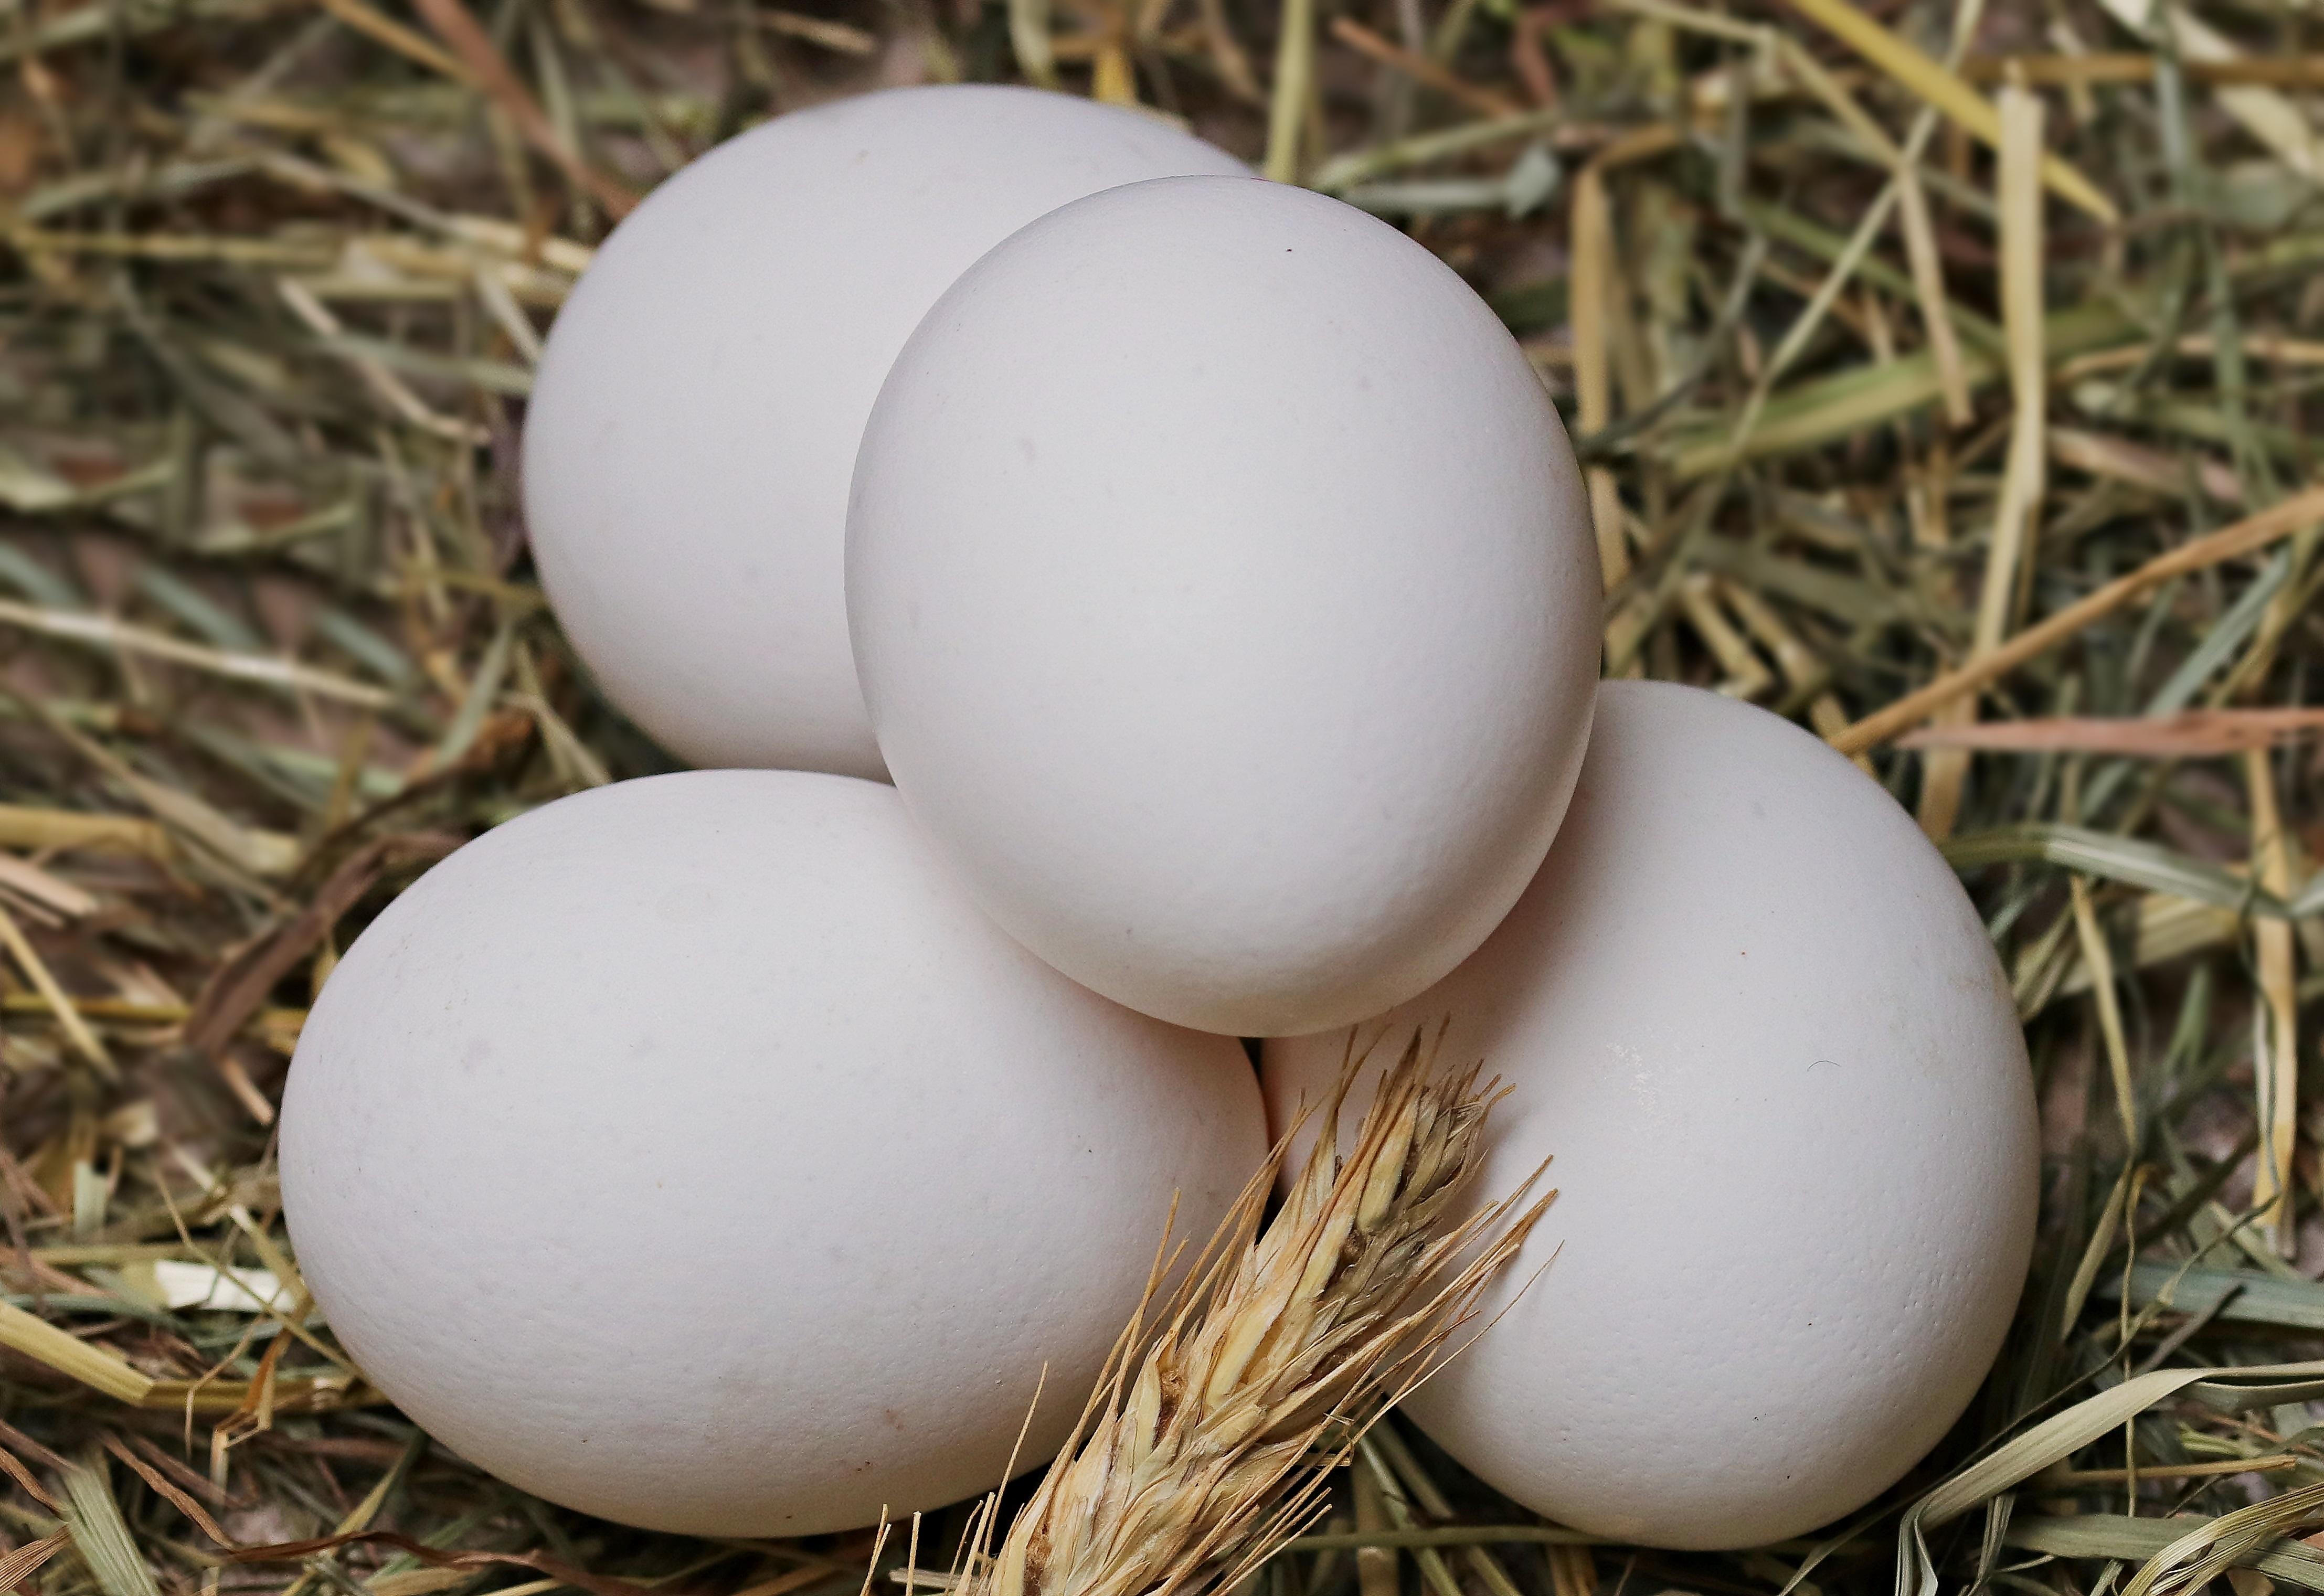 Kiinalaistutkimus: Kananmuna päivässä saattaa suojata sydän- ja verisuonitaudeilta